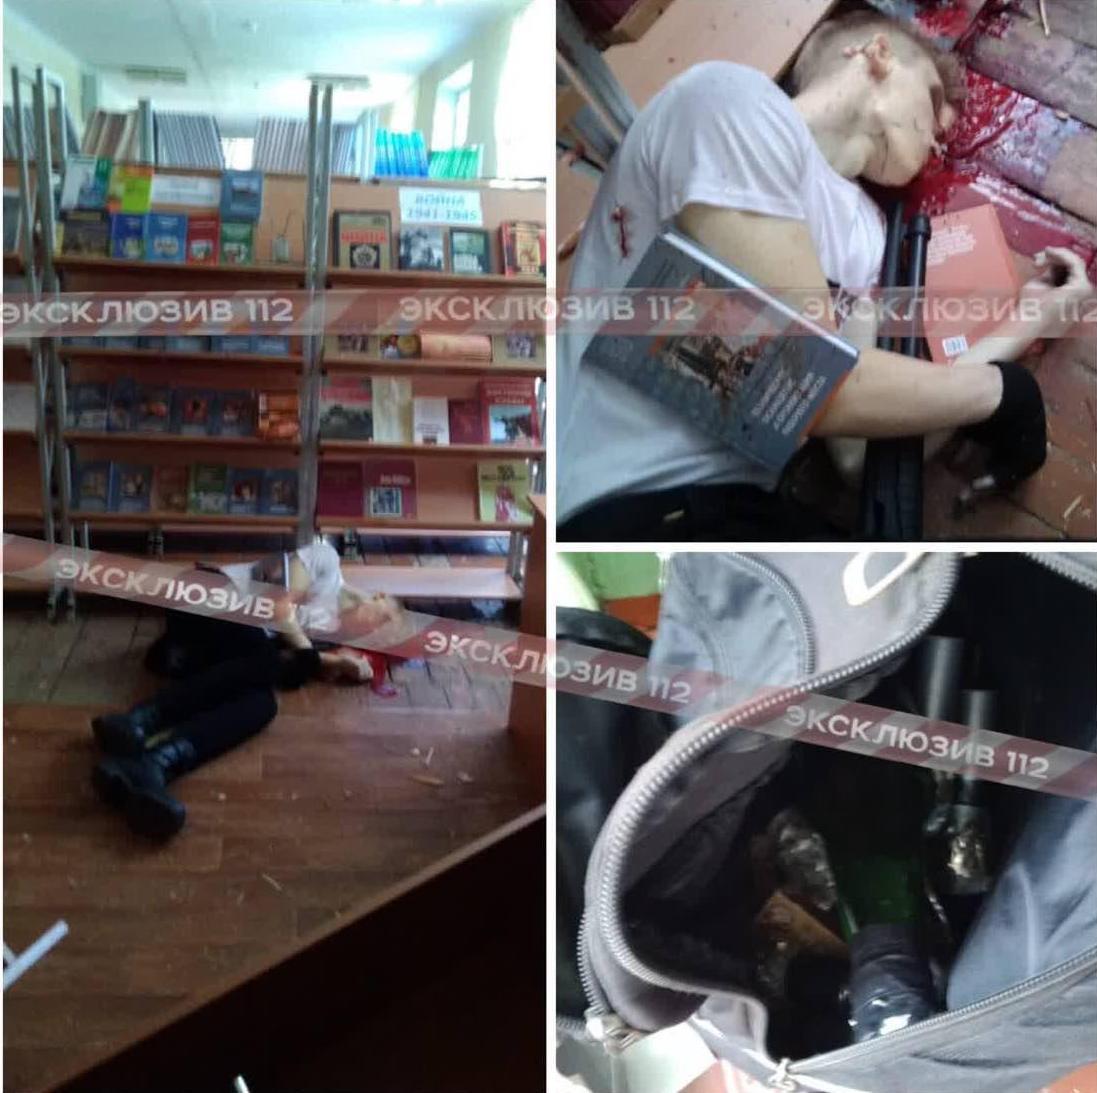 Кровавый теракт в Керчи: последние новости 19 октября